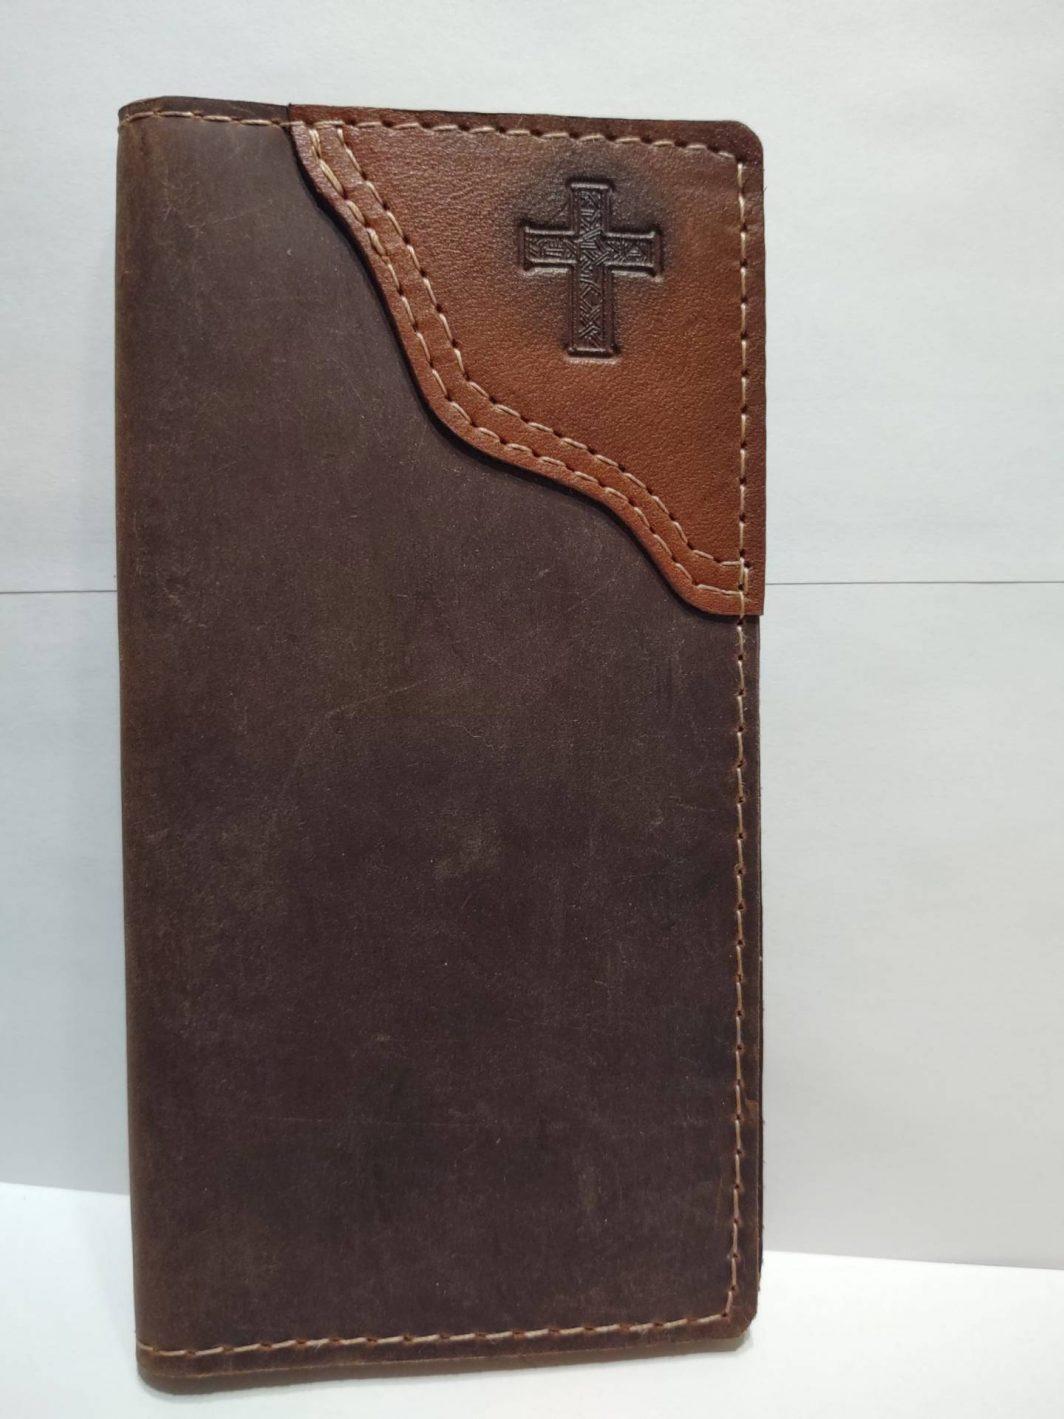 Cross Roper Leather Wallet